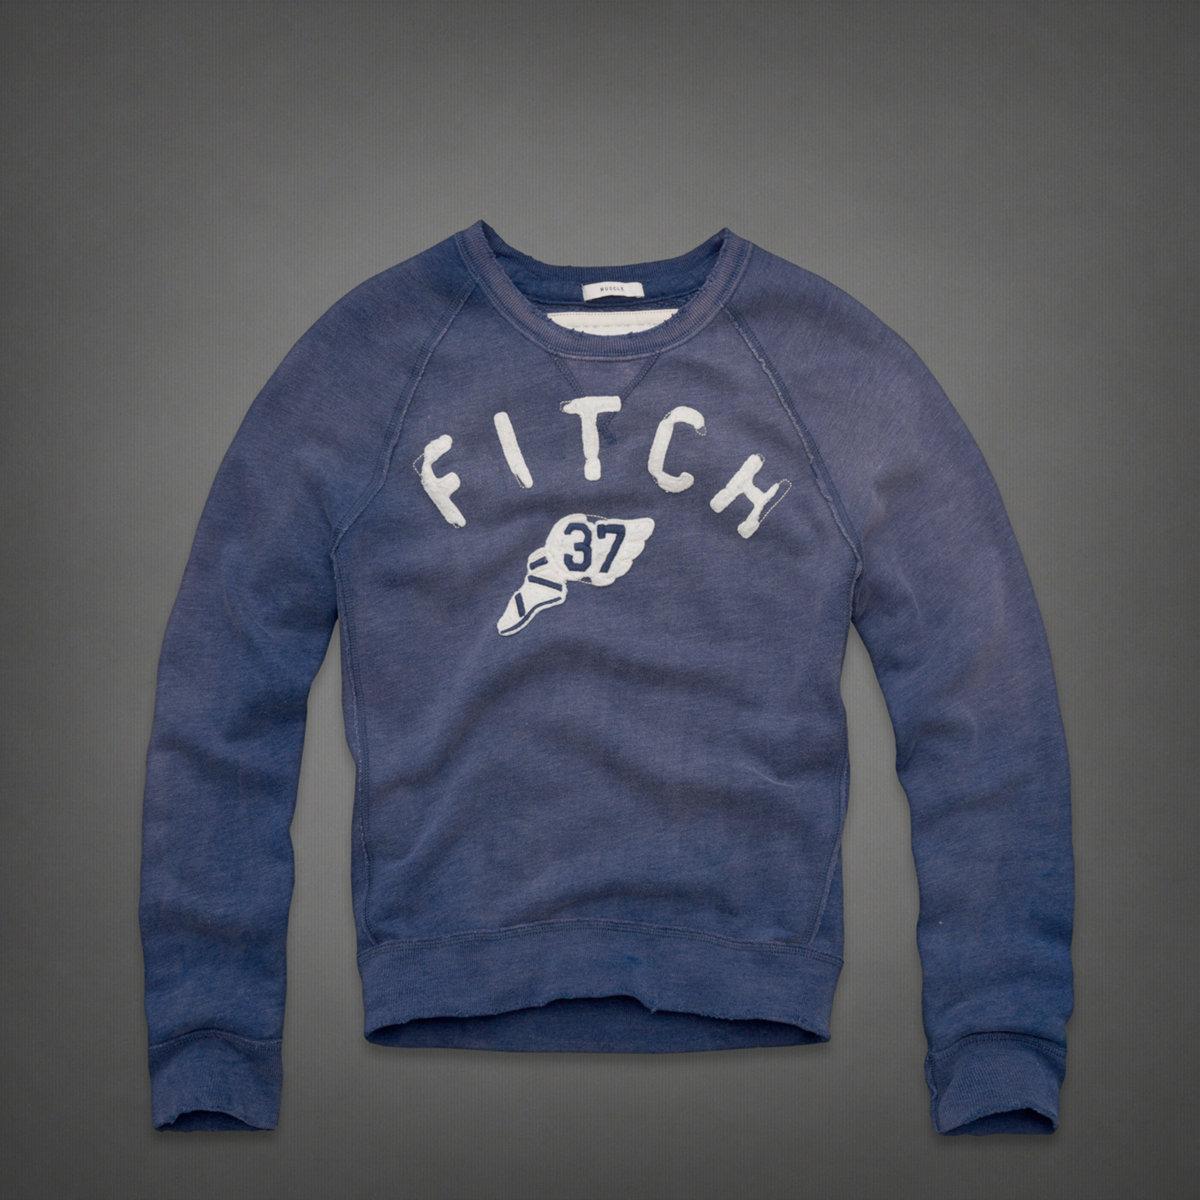 美國百分百【全新真品】Abercrombie & Fitch T恤 AF 長袖 T-shirt 上衣 麋鹿 復古藍 素面 厚棉 男衣 S M號